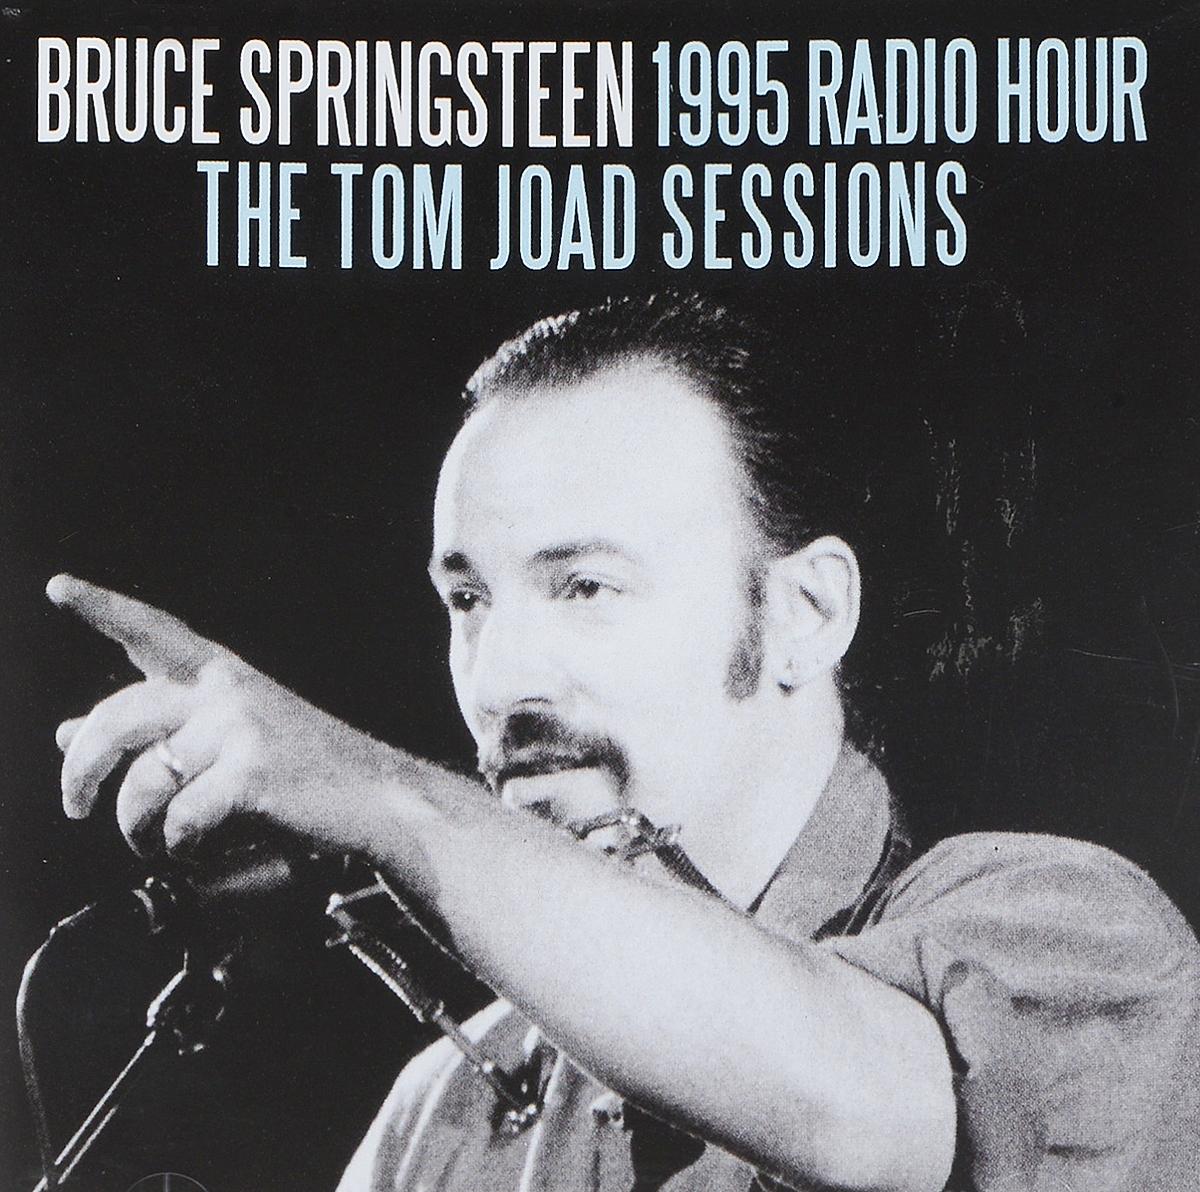 Брюс Спрингстин Bruce Springsteen. 1995 Radio Hour брюс спрингстин bruce springsteen born to run remastered